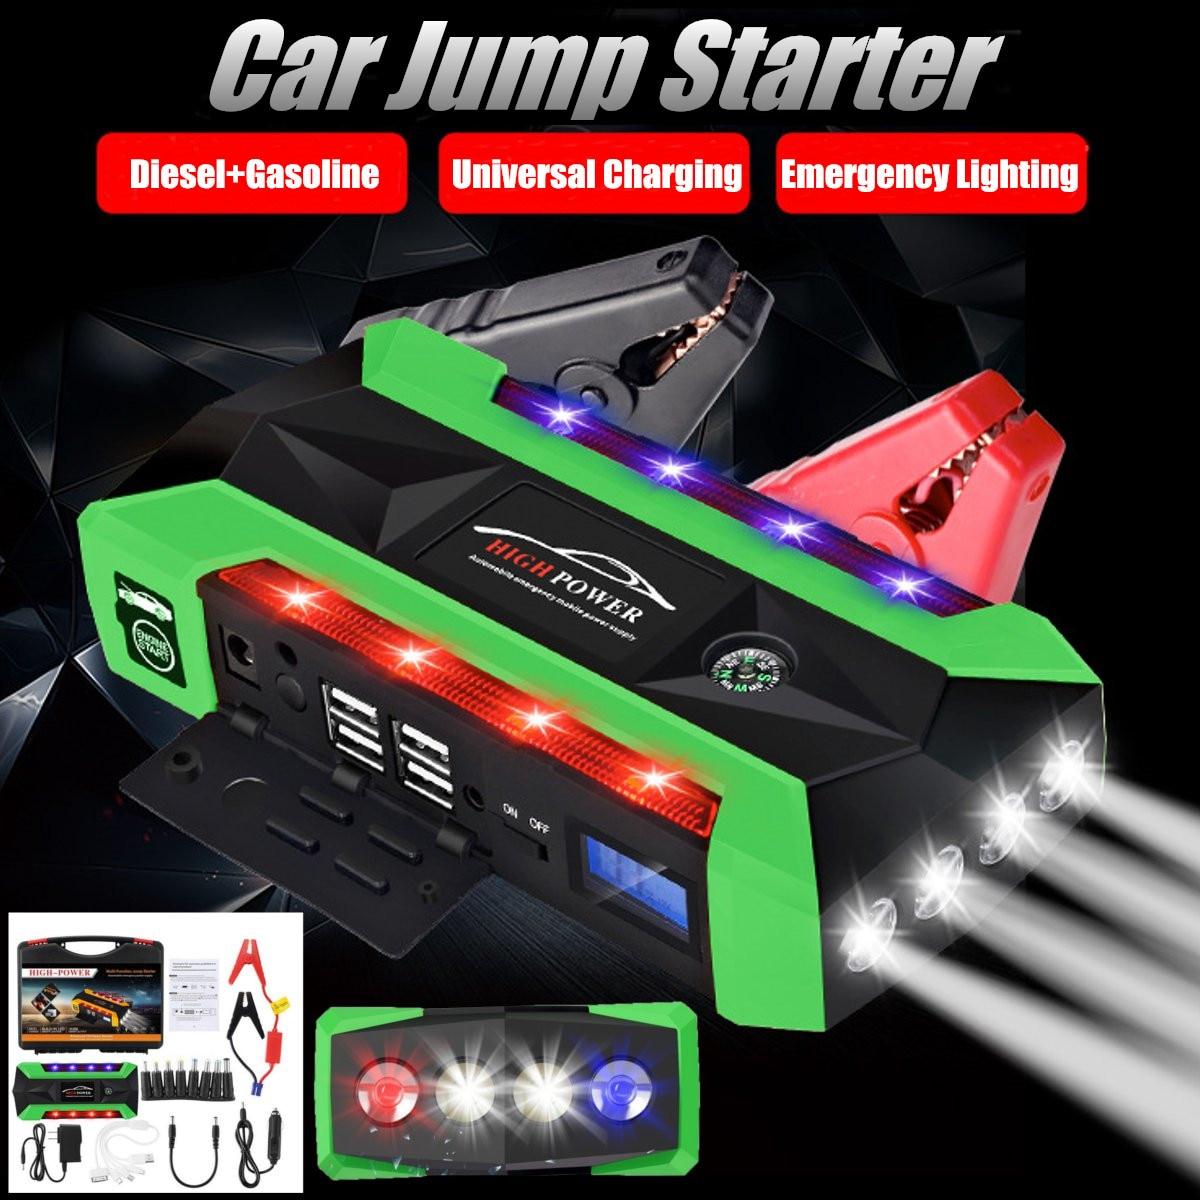 US/UK/AU/UE Multi-Fonction Portable D'urgence Chargeur de Batterie De Voiture Jump Starter 4 Lampe USB 89800 mah Puissance Banque Dispositif de Démarrage